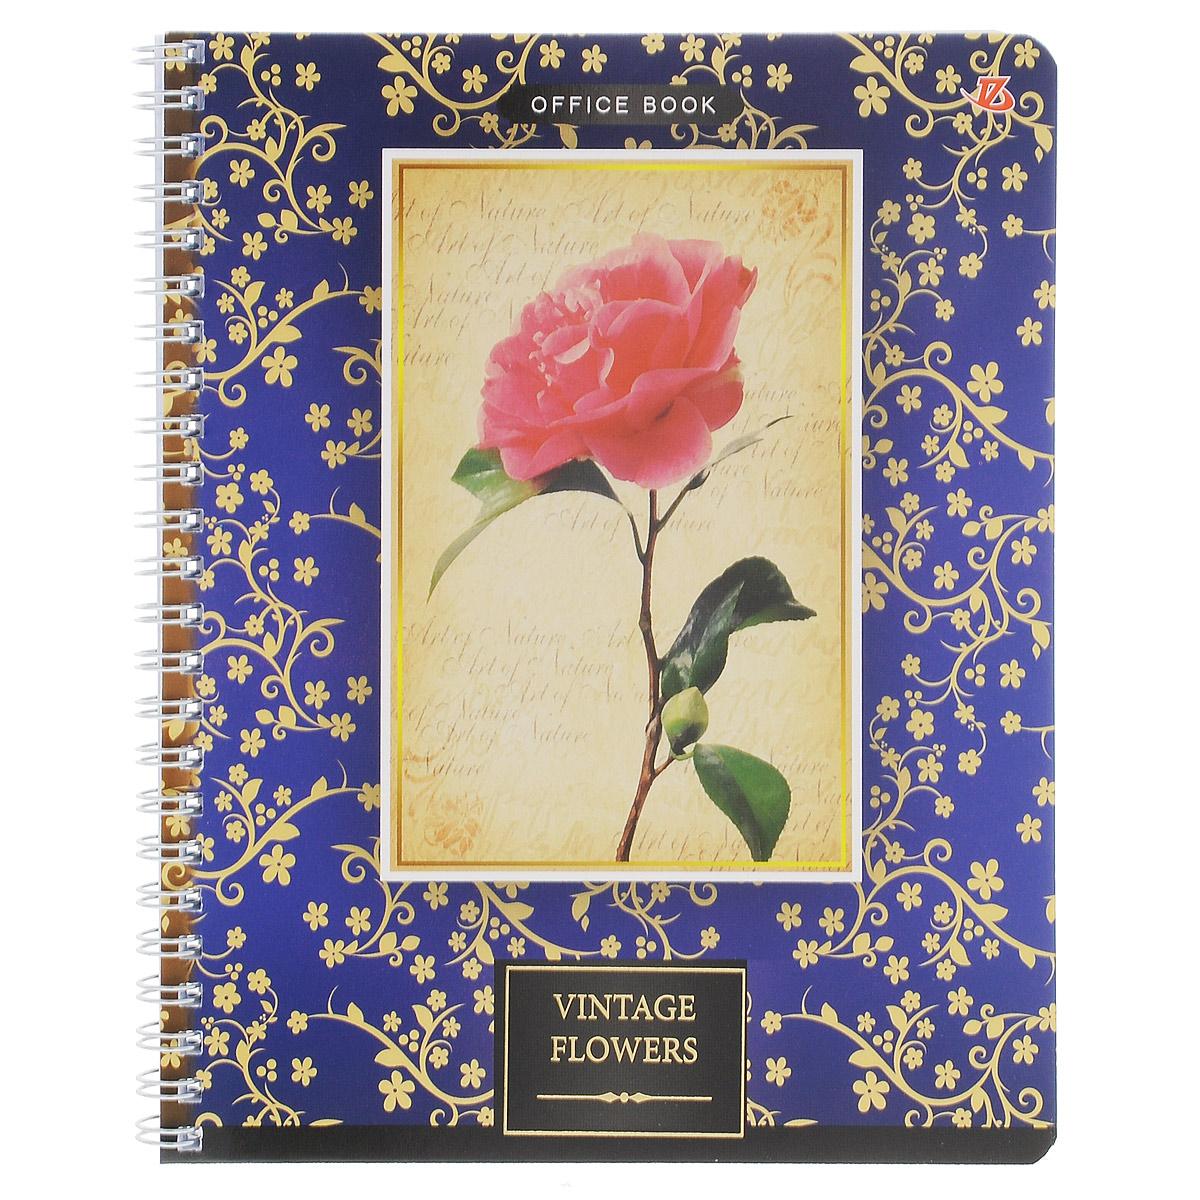 Тетрадь в клетку Vintage Flowers: Роза, на гребне, цвет: синий, 80 листов. 6660/36660/3_РозаТетрадь на гребне Vintage Flowers: Роза подойдет для любых работ и студенту, и школьнику. Фактурная обложка тетради с элементами золотого тиснения выполнена из мелованного картона с закругленными углами. Внутренний блок тетради соединен металлической пружиной и состоит из 80 листов высококачественной бумаги повышенной белизны в клетку.